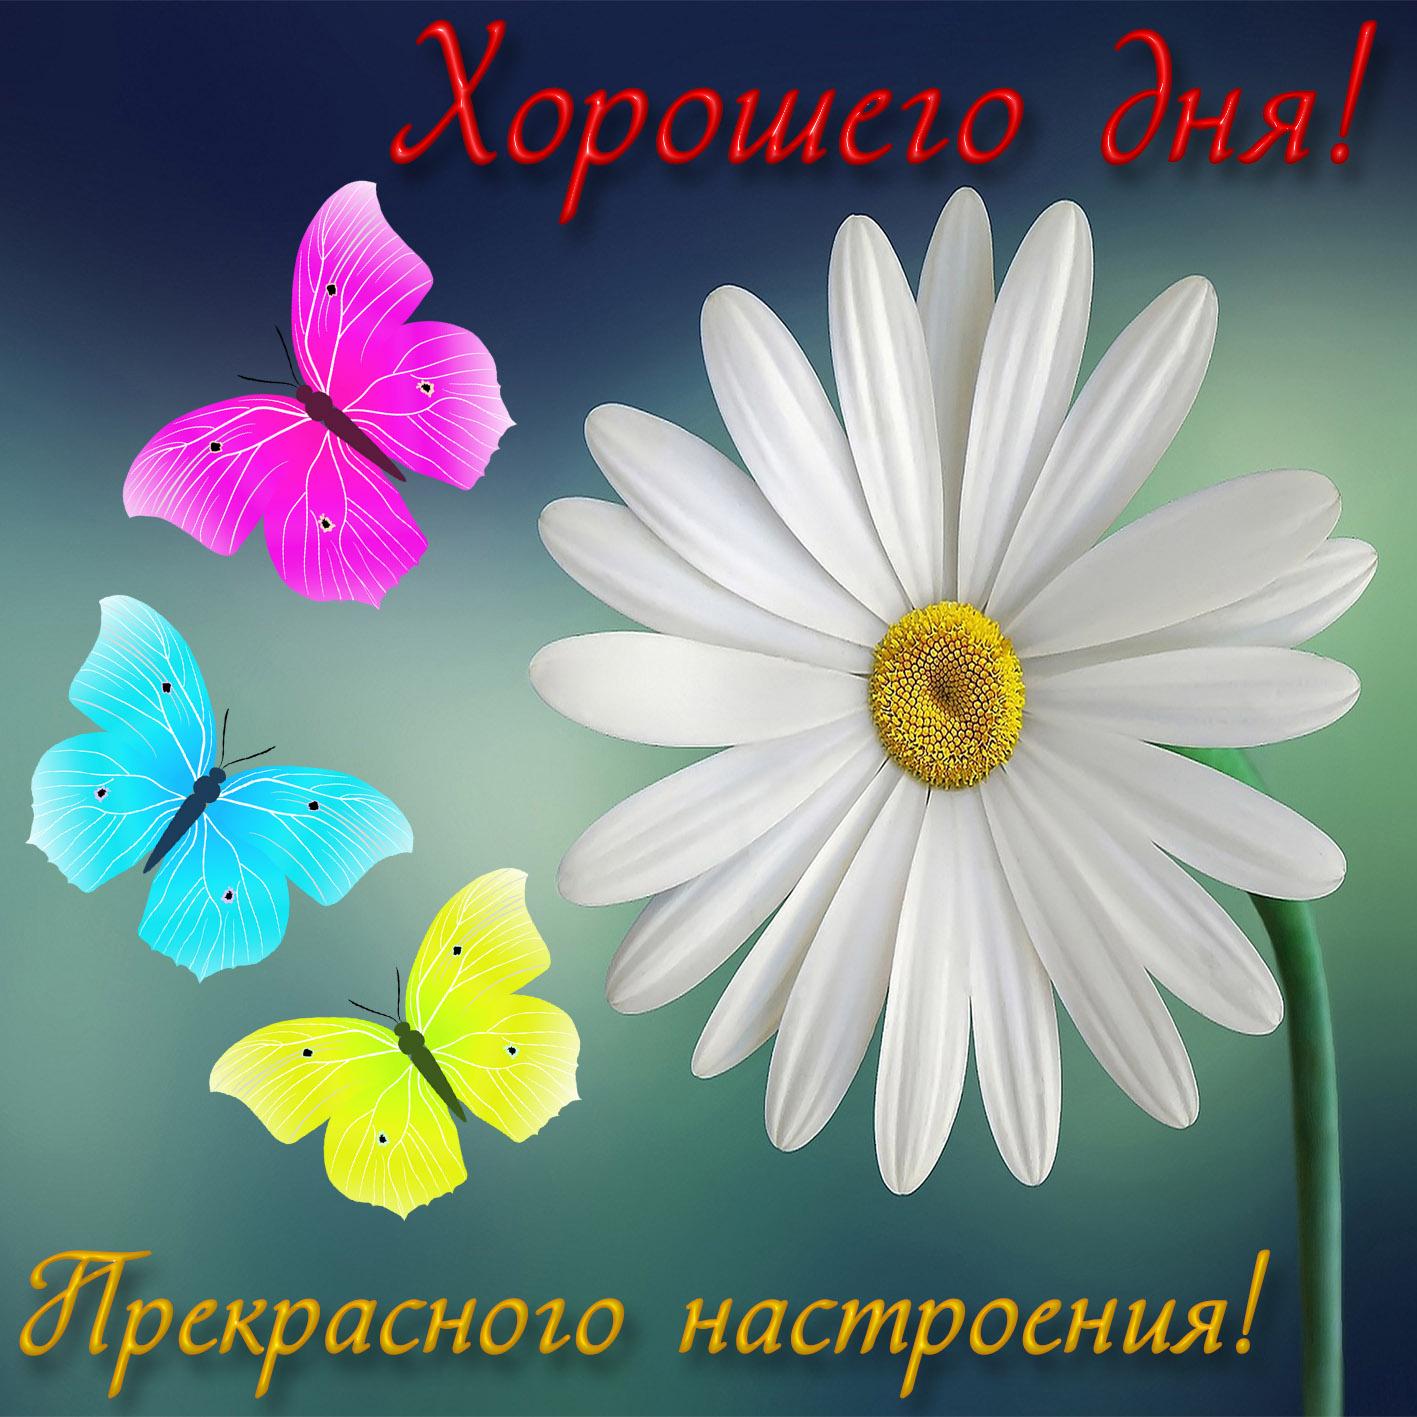 Роза, открытки хорошего дня и прекрасного настроения прикольные